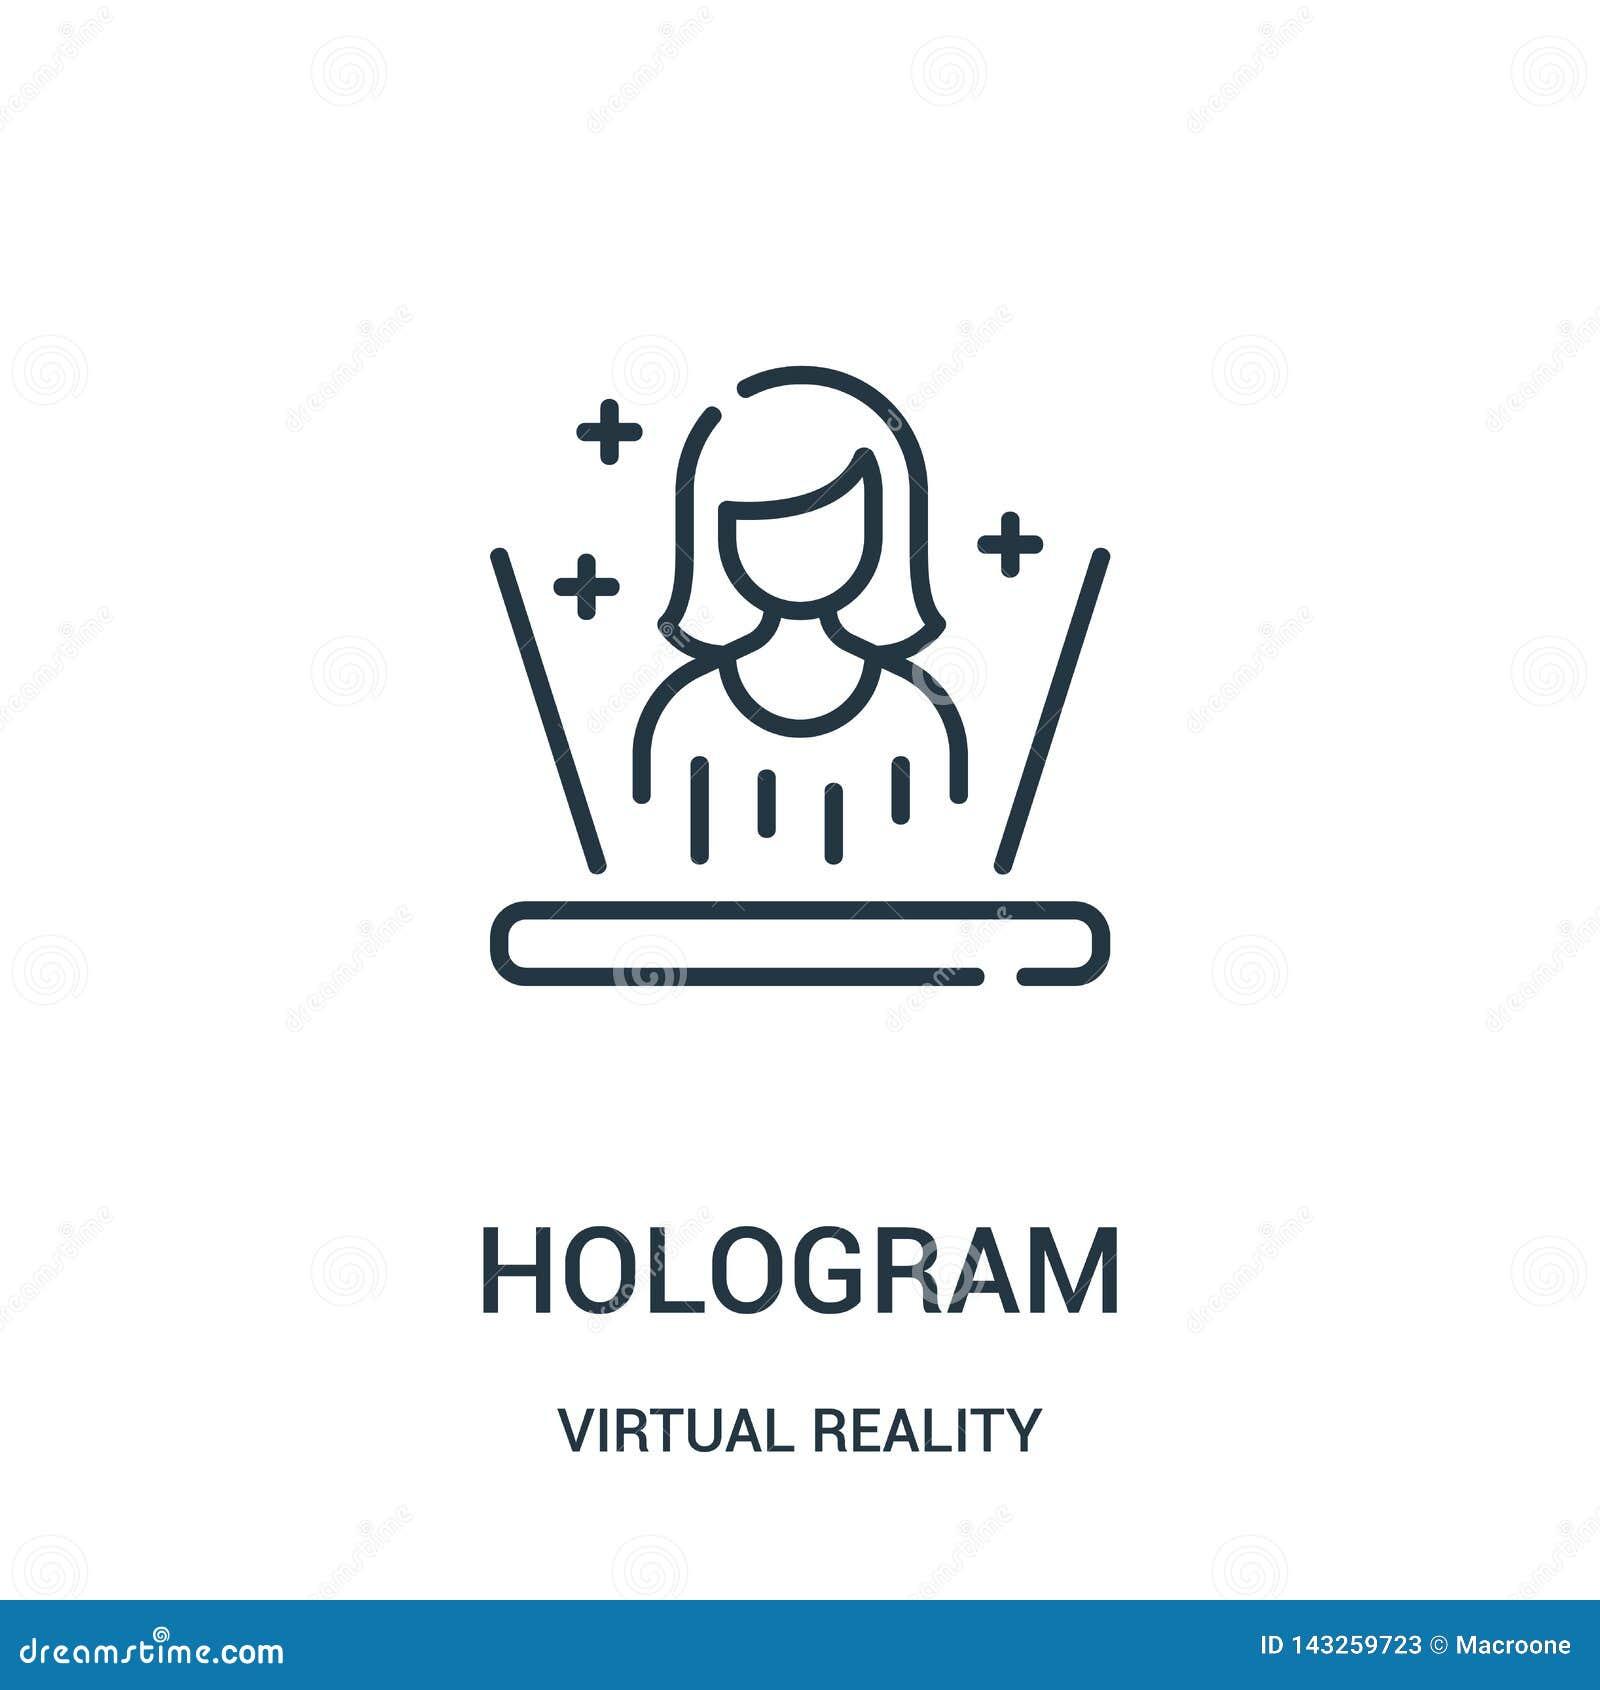 Hologrammikonenvektor von der Sammlung der virtuellen Realität Dünne Linie Hologrammentwurfsikonen-Vektorillustration